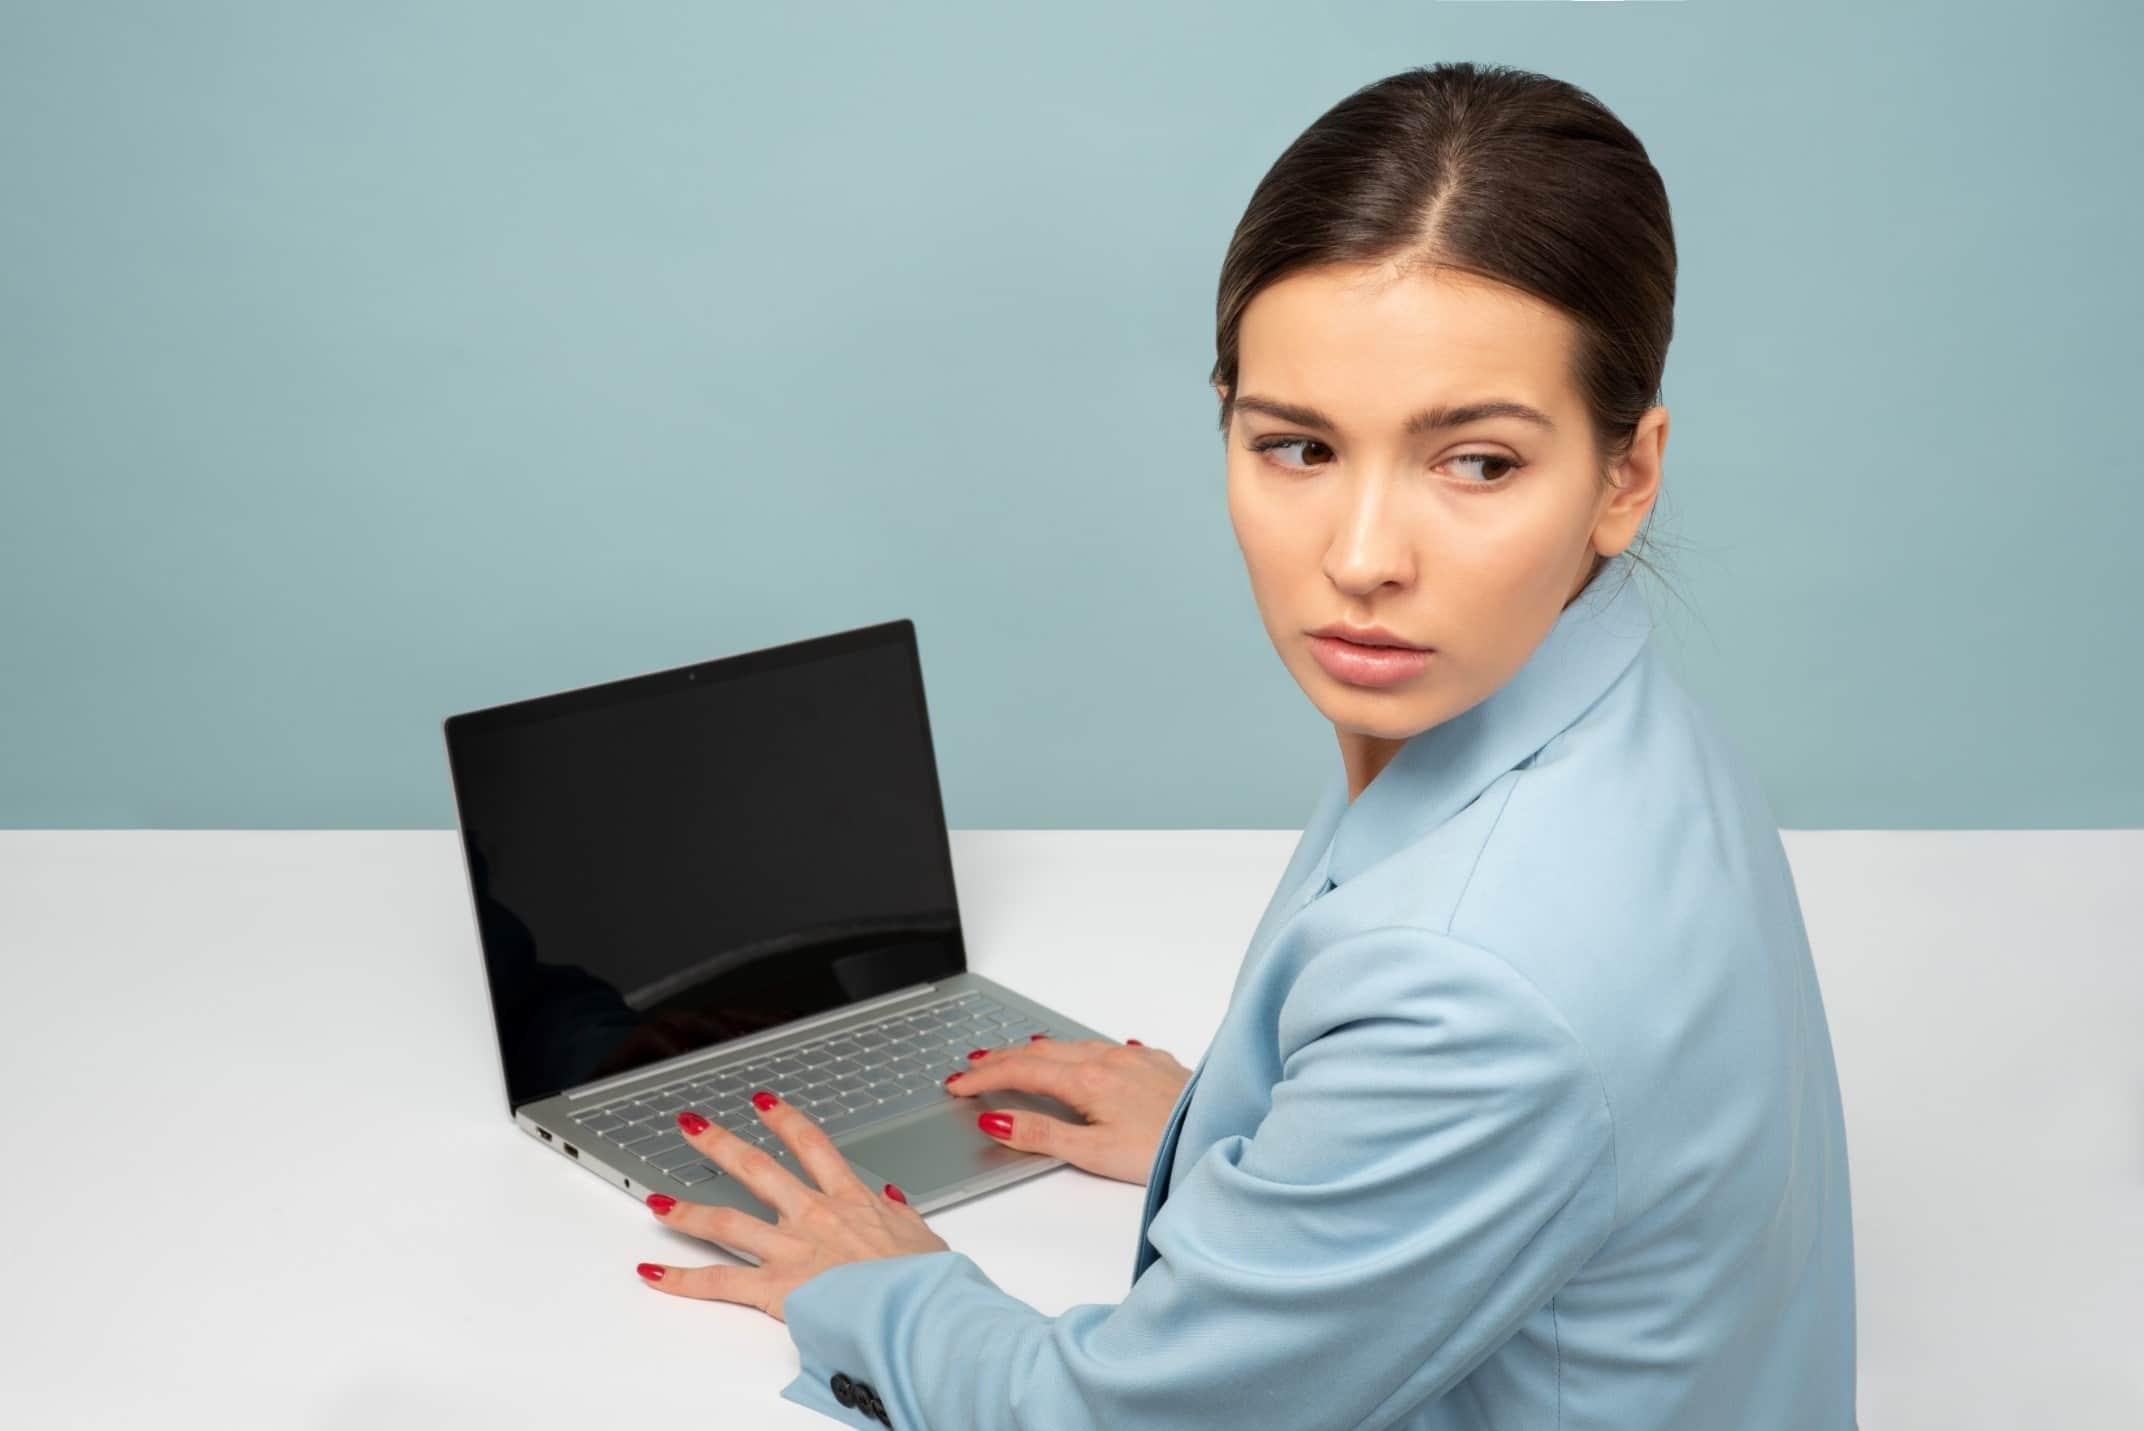 強力なパスワードで、ノートPCをサイバー犯罪者から守る方法